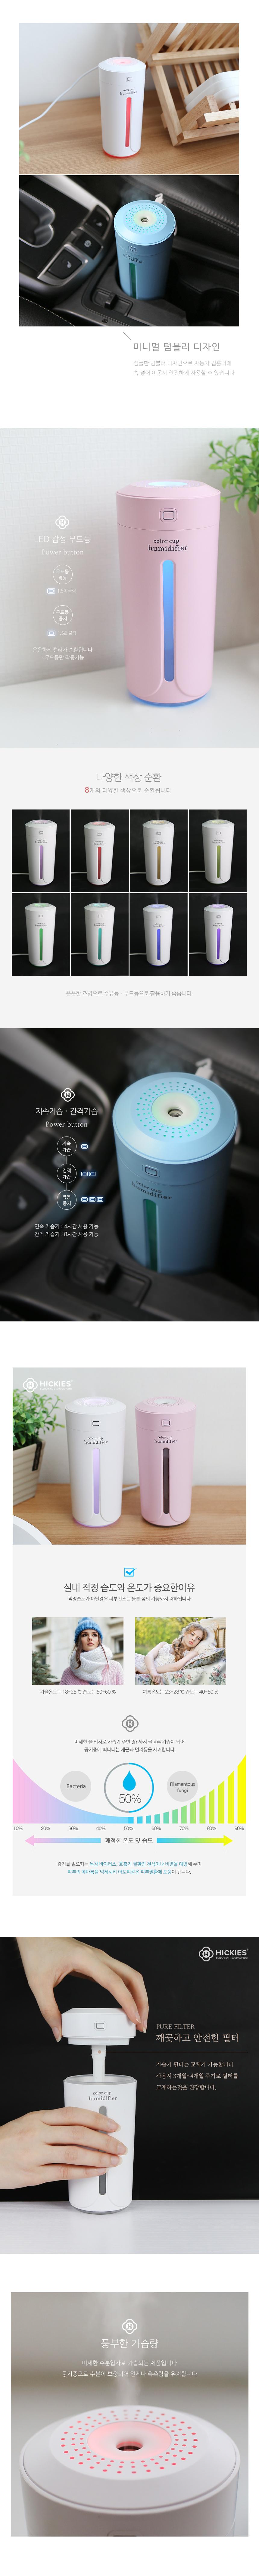 텀블러디자인 무드등 개인 차량용 USB가습기 Colorcup15,800원-히키스리빙/가전, 계절가전, 가습기, 가습기/에어워셔바보사랑텀블러디자인 무드등 개인 차량용 USB가습기 Colorcup15,800원-히키스리빙/가전, 계절가전, 가습기, 가습기/에어워셔바보사랑